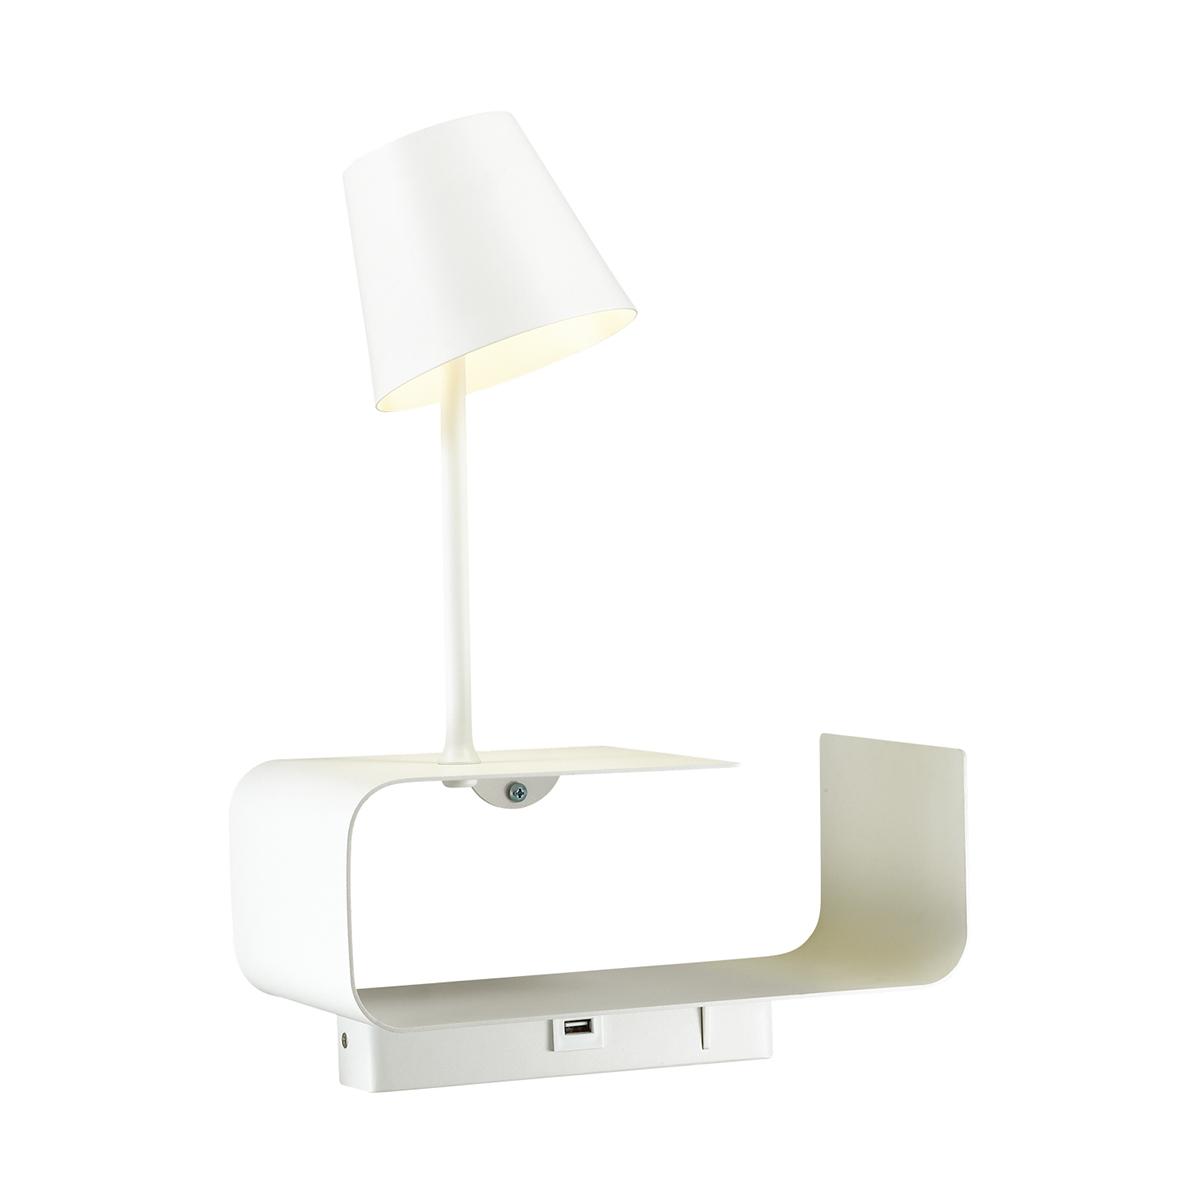 Светодиодное бра с регулировкой направления света с полкой Odeon Light Sven 4161/6WL, LED 6W 3000K 200lm, белый, металл - фото 1